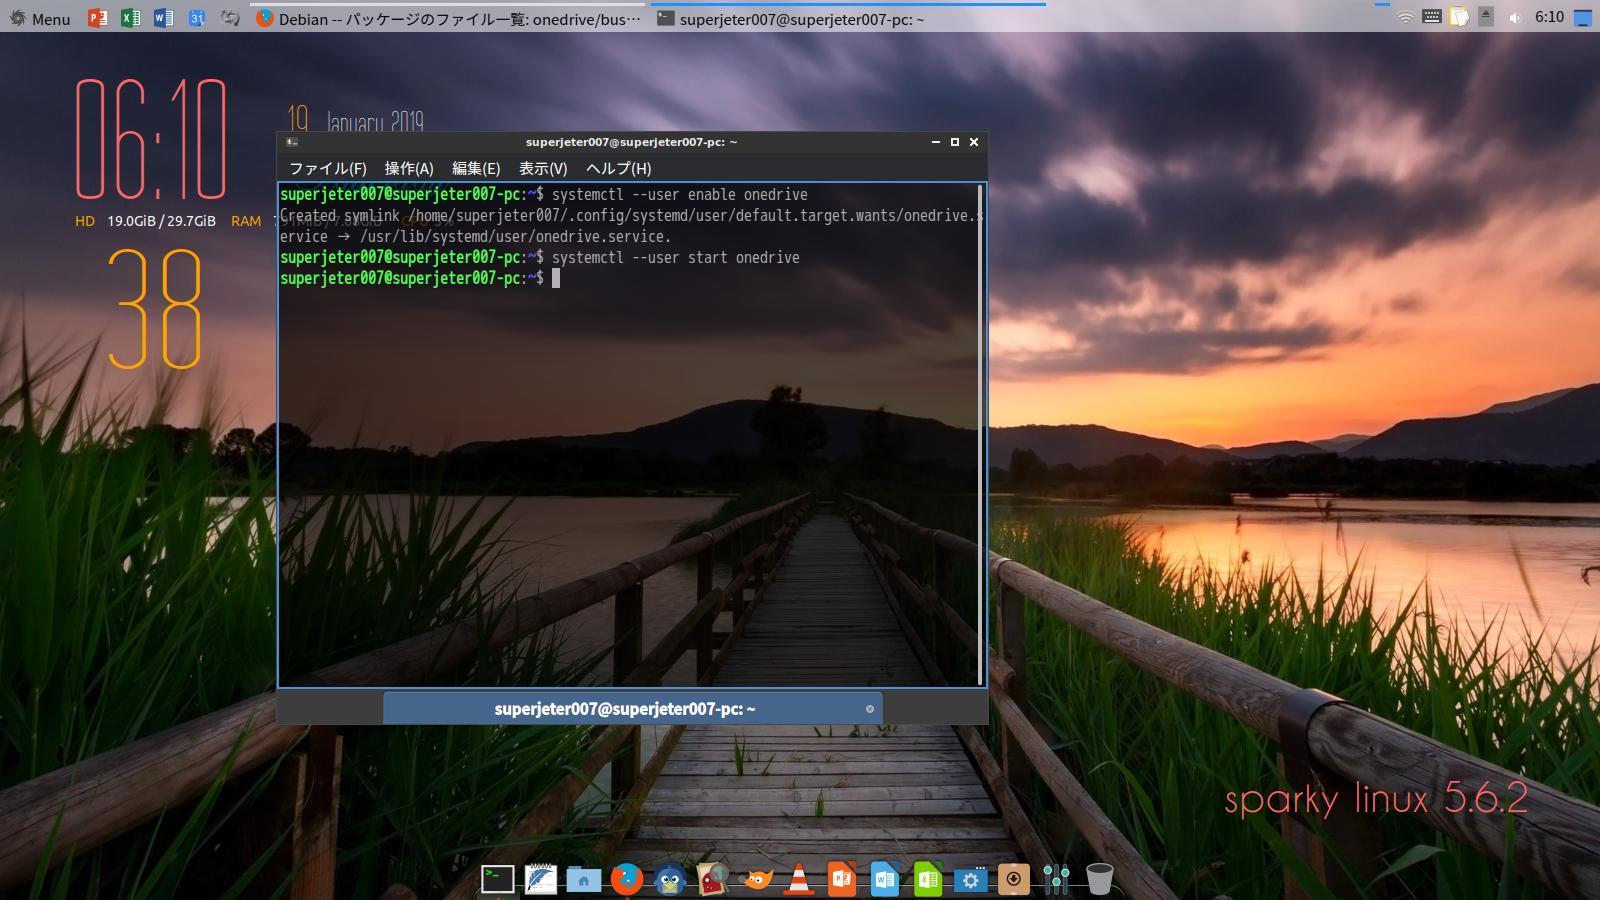 れっつ〜リナックス! ◇ Ubuntu/Debian/Arch系Linuxを楽しむ